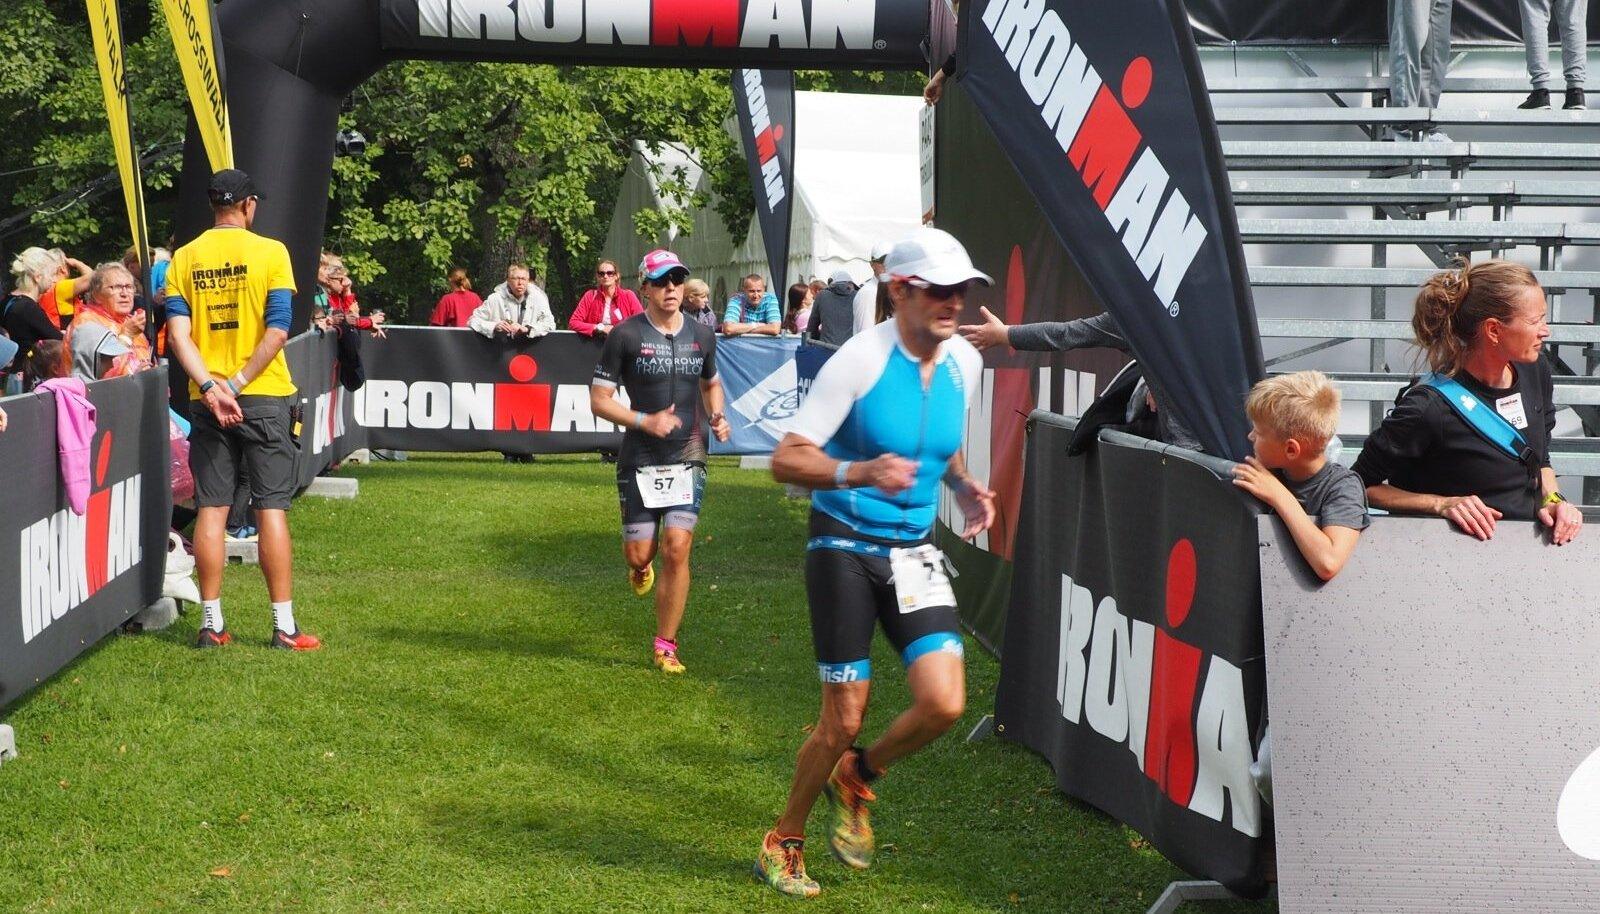 Otepää Ironman 2017